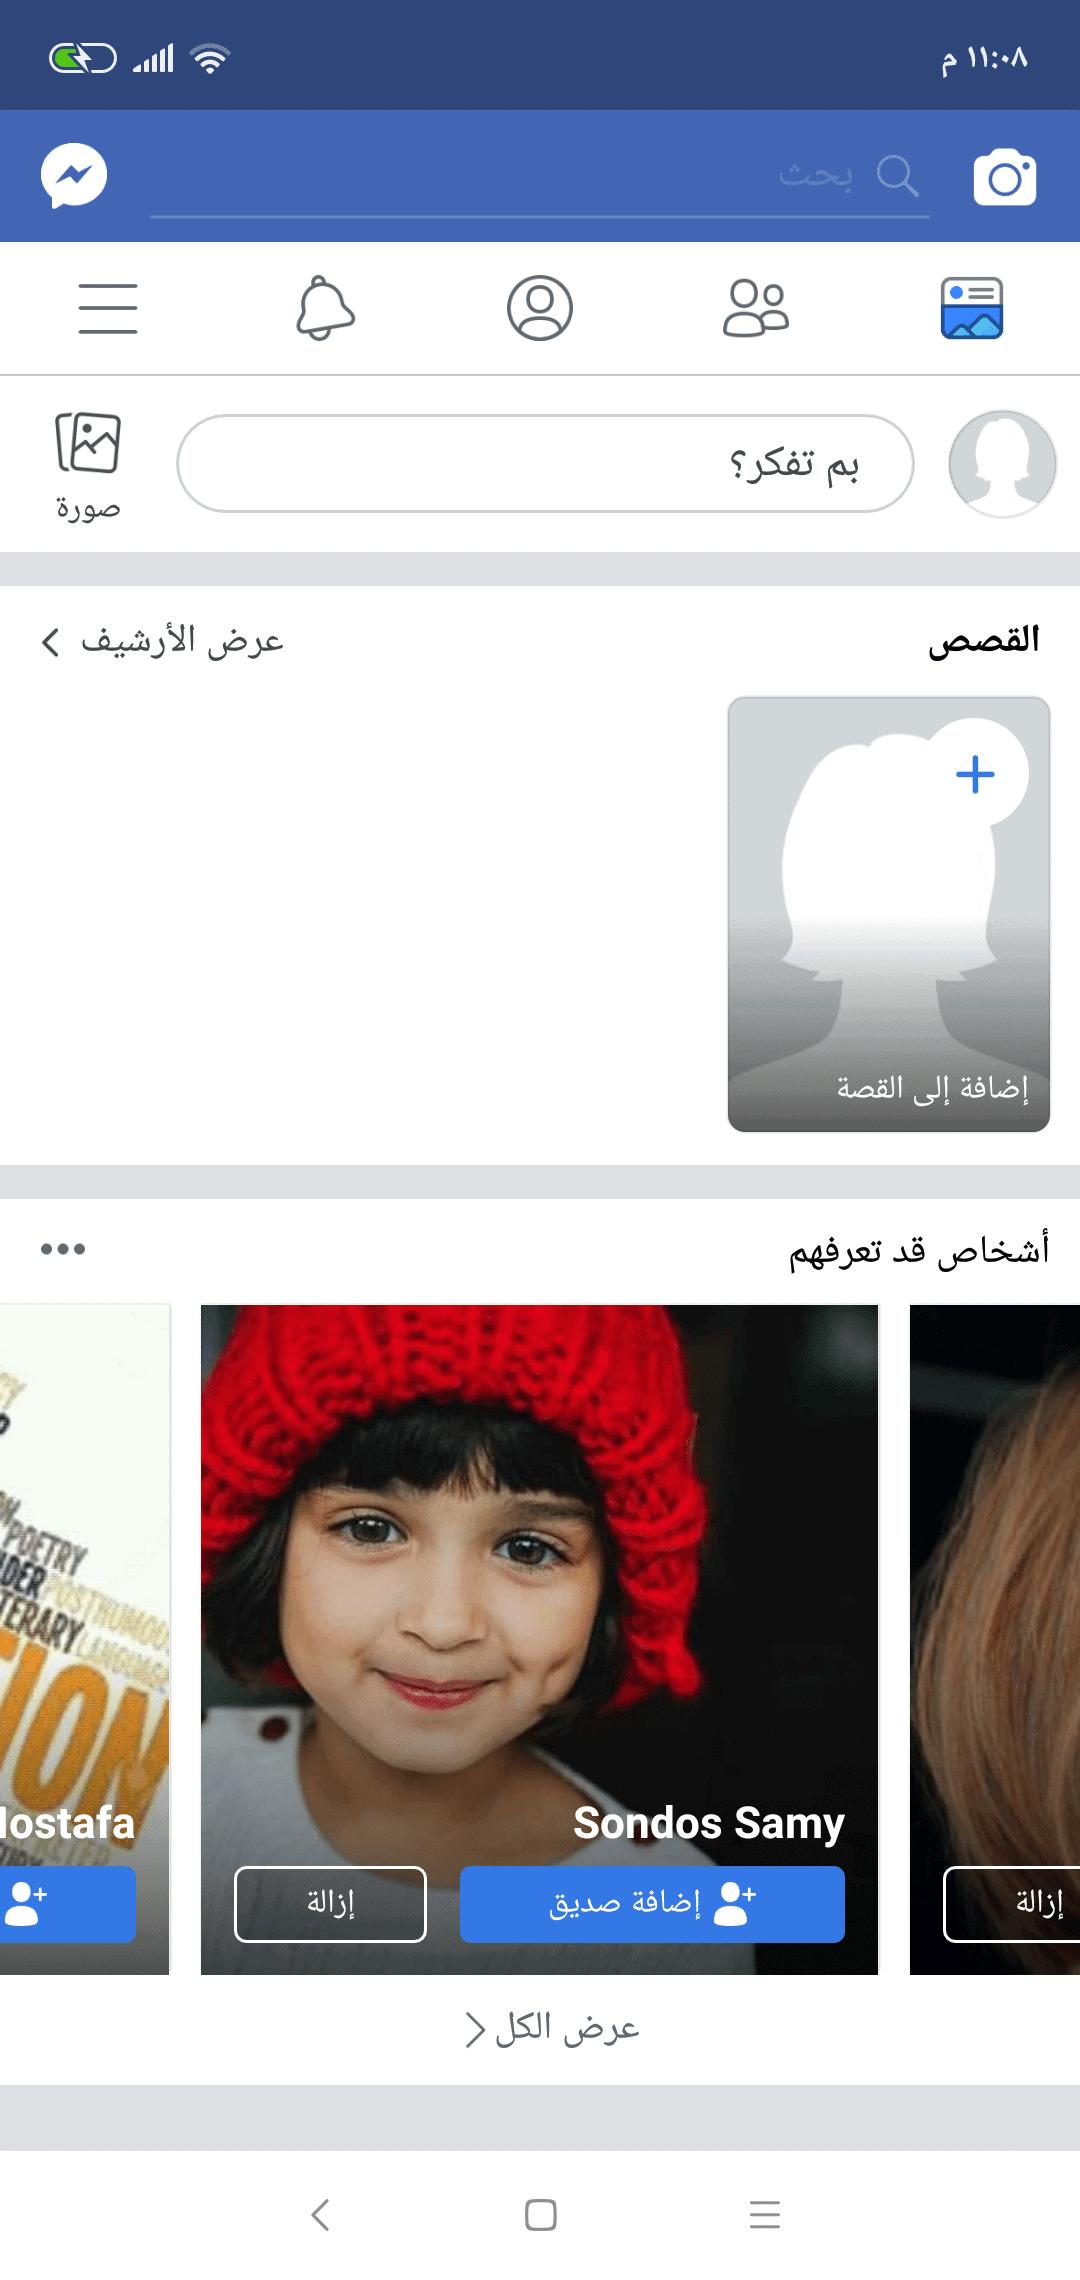 تهانينا... انشاء حساب جديد في فيس بوك